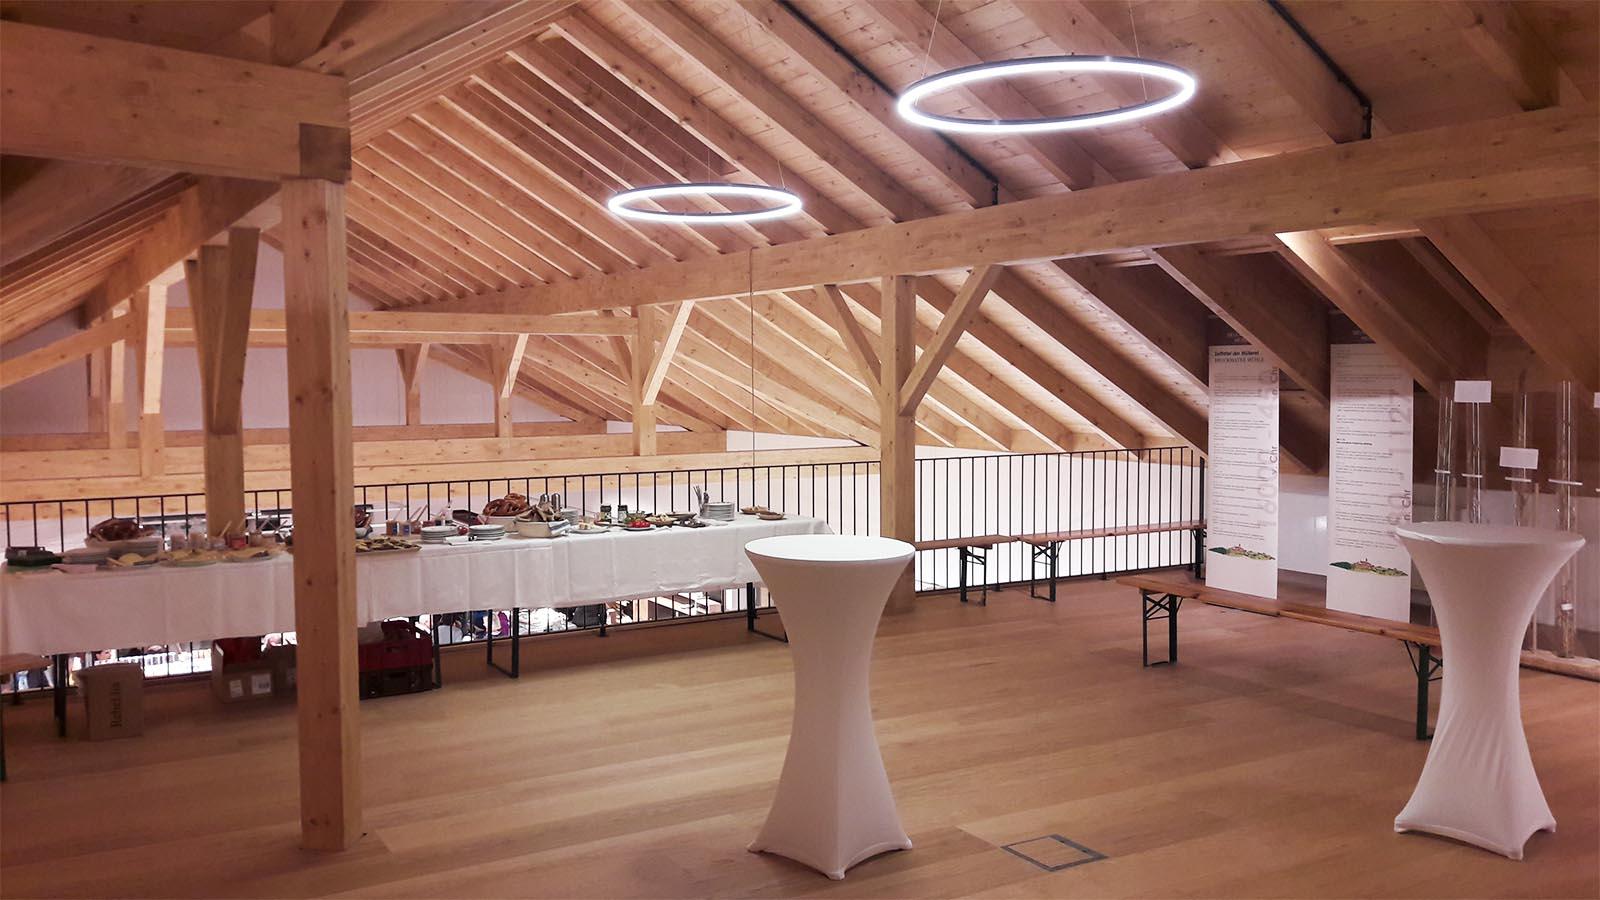 h2m-architekten-eroeffnung-muehlenladen-altoetting-galerie